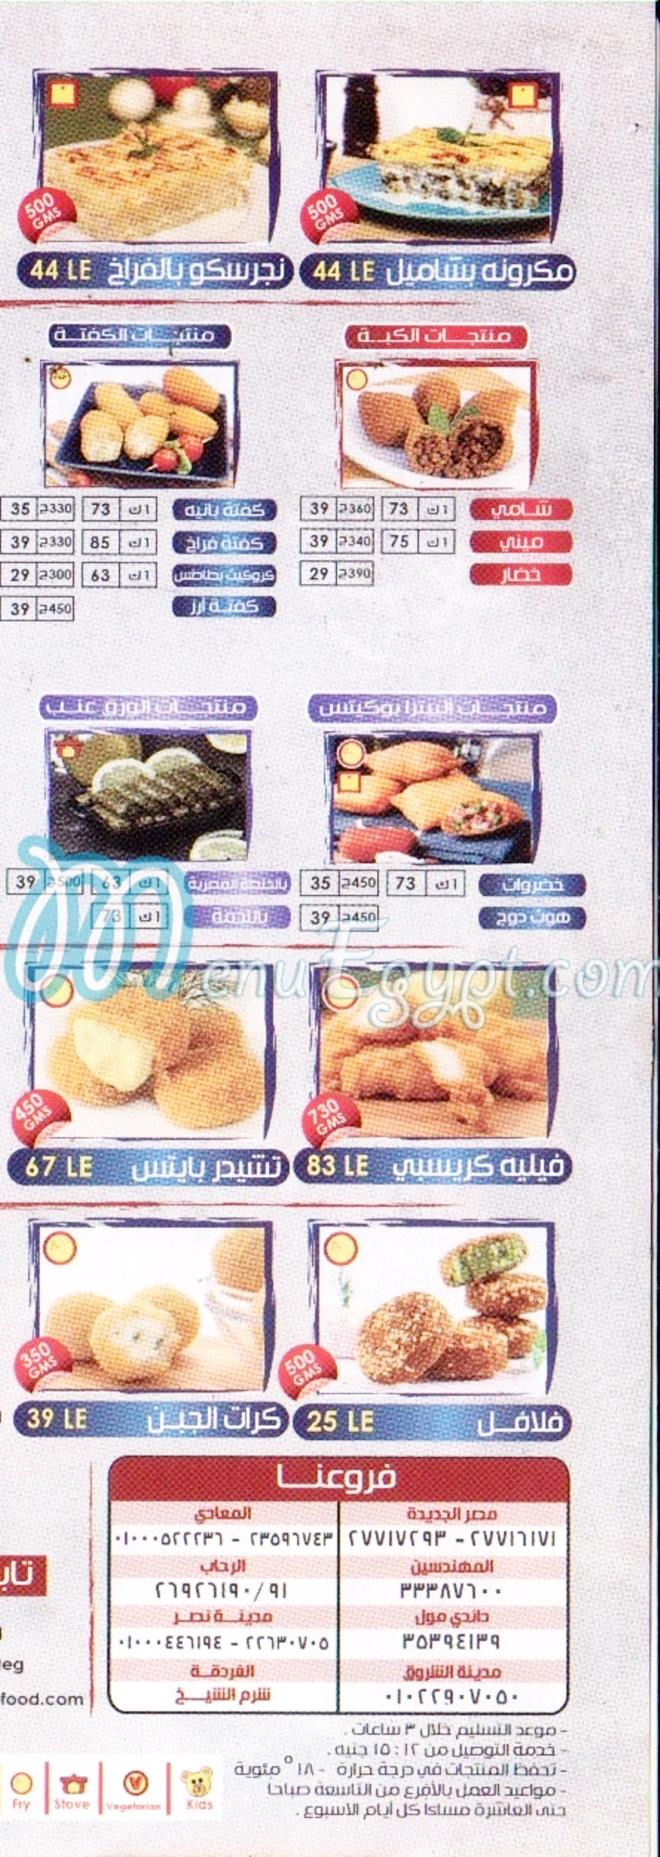 Olio menu